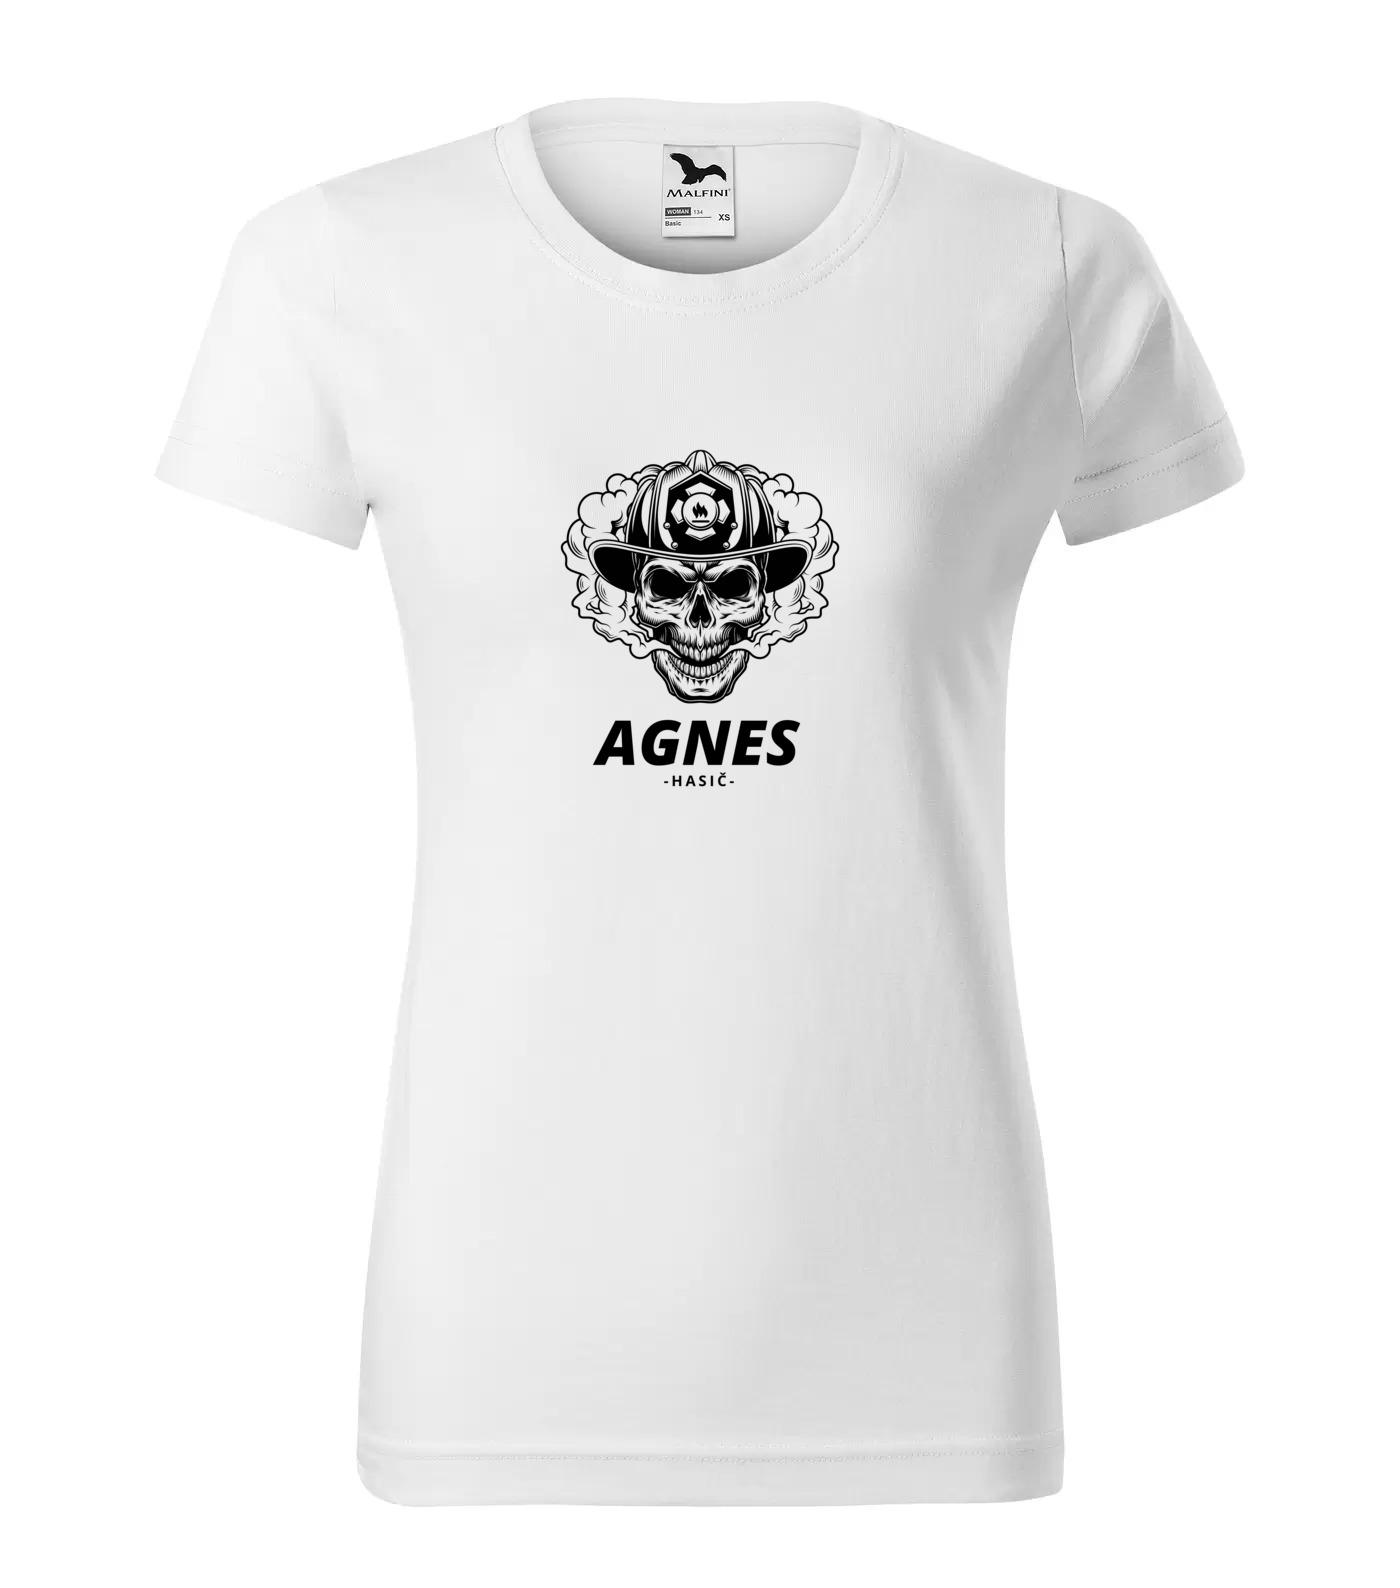 Tričko Hasič Agnes